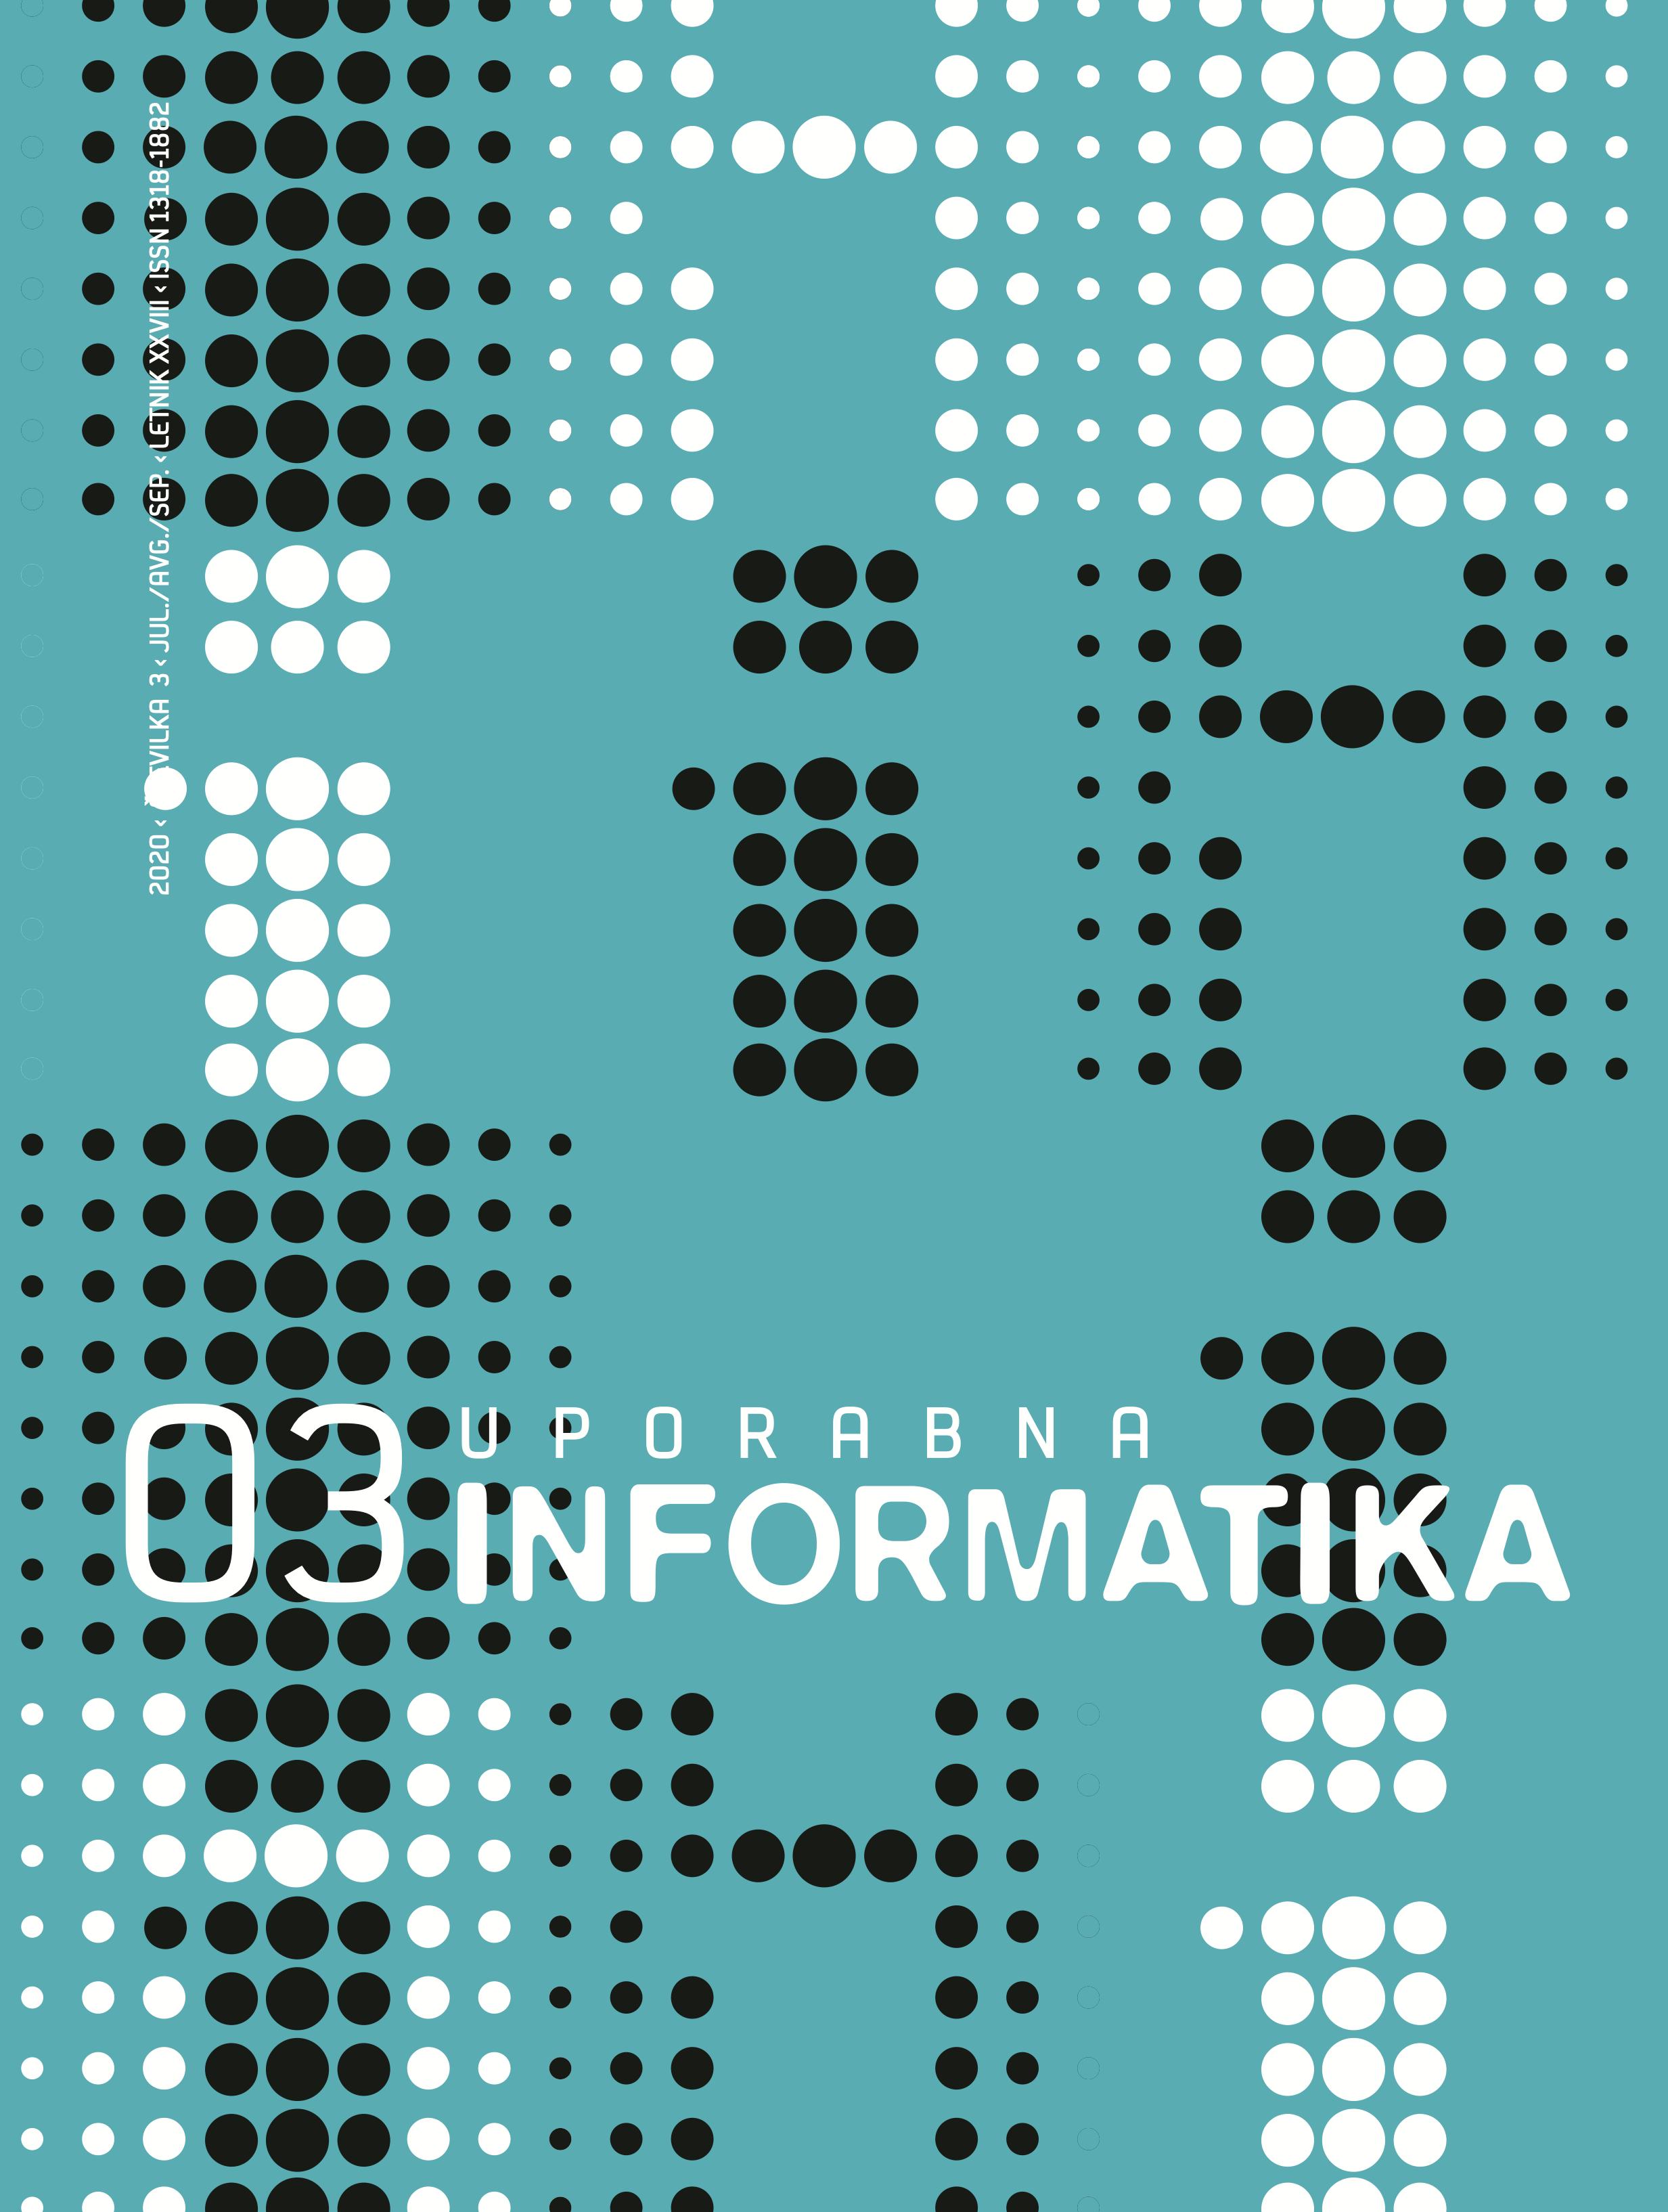 Poglej Letn. 28 Št. 3 (2020): Uporabna informatika